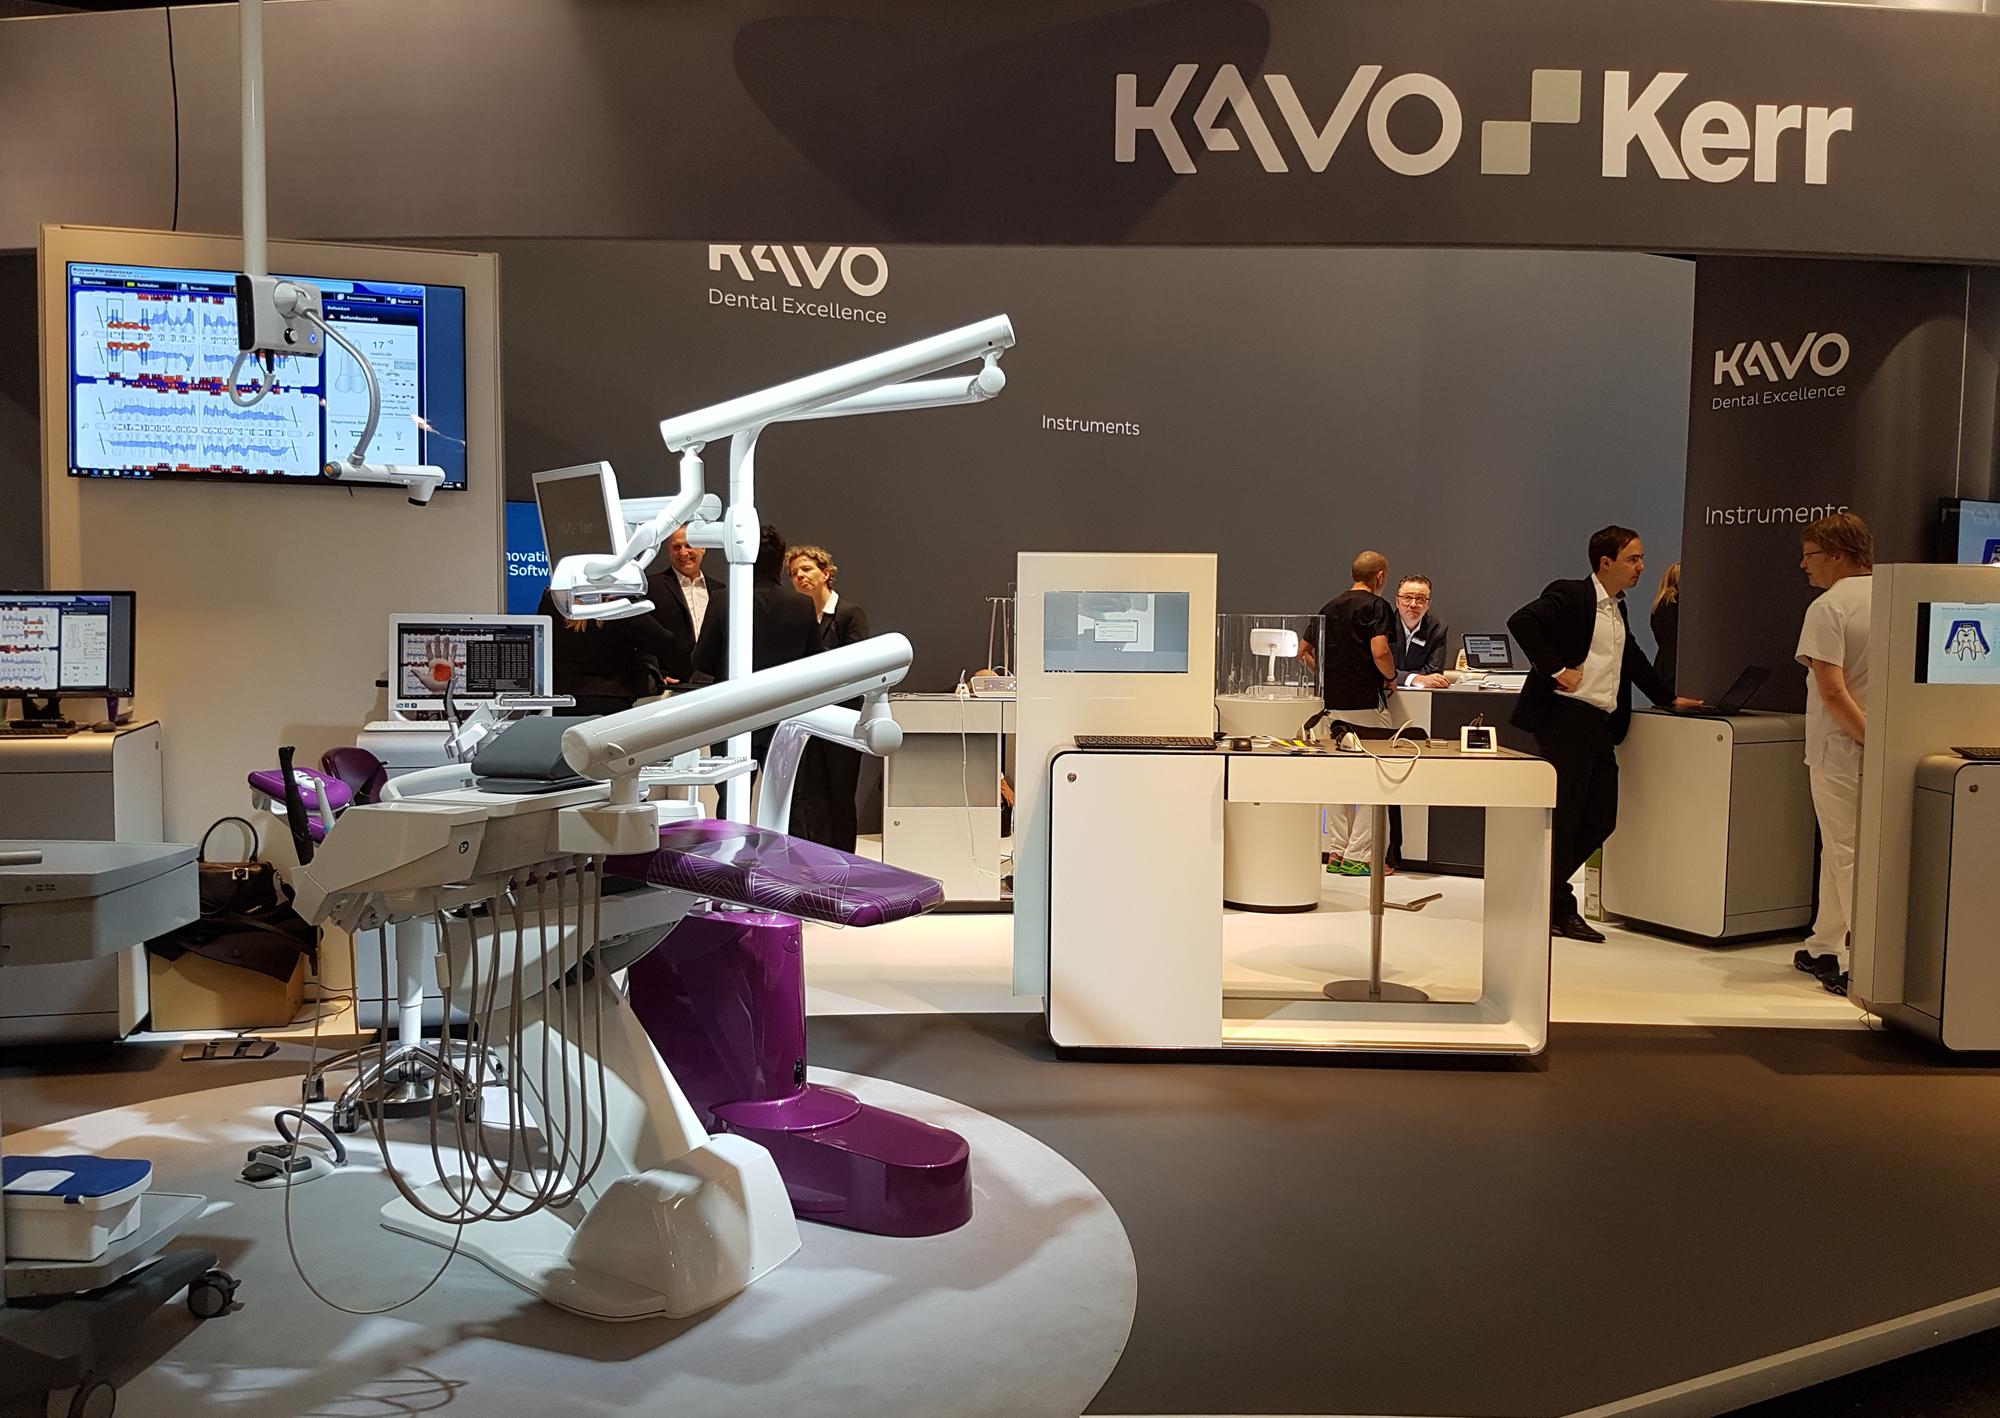 Особенности медицинского оборудования KaVo